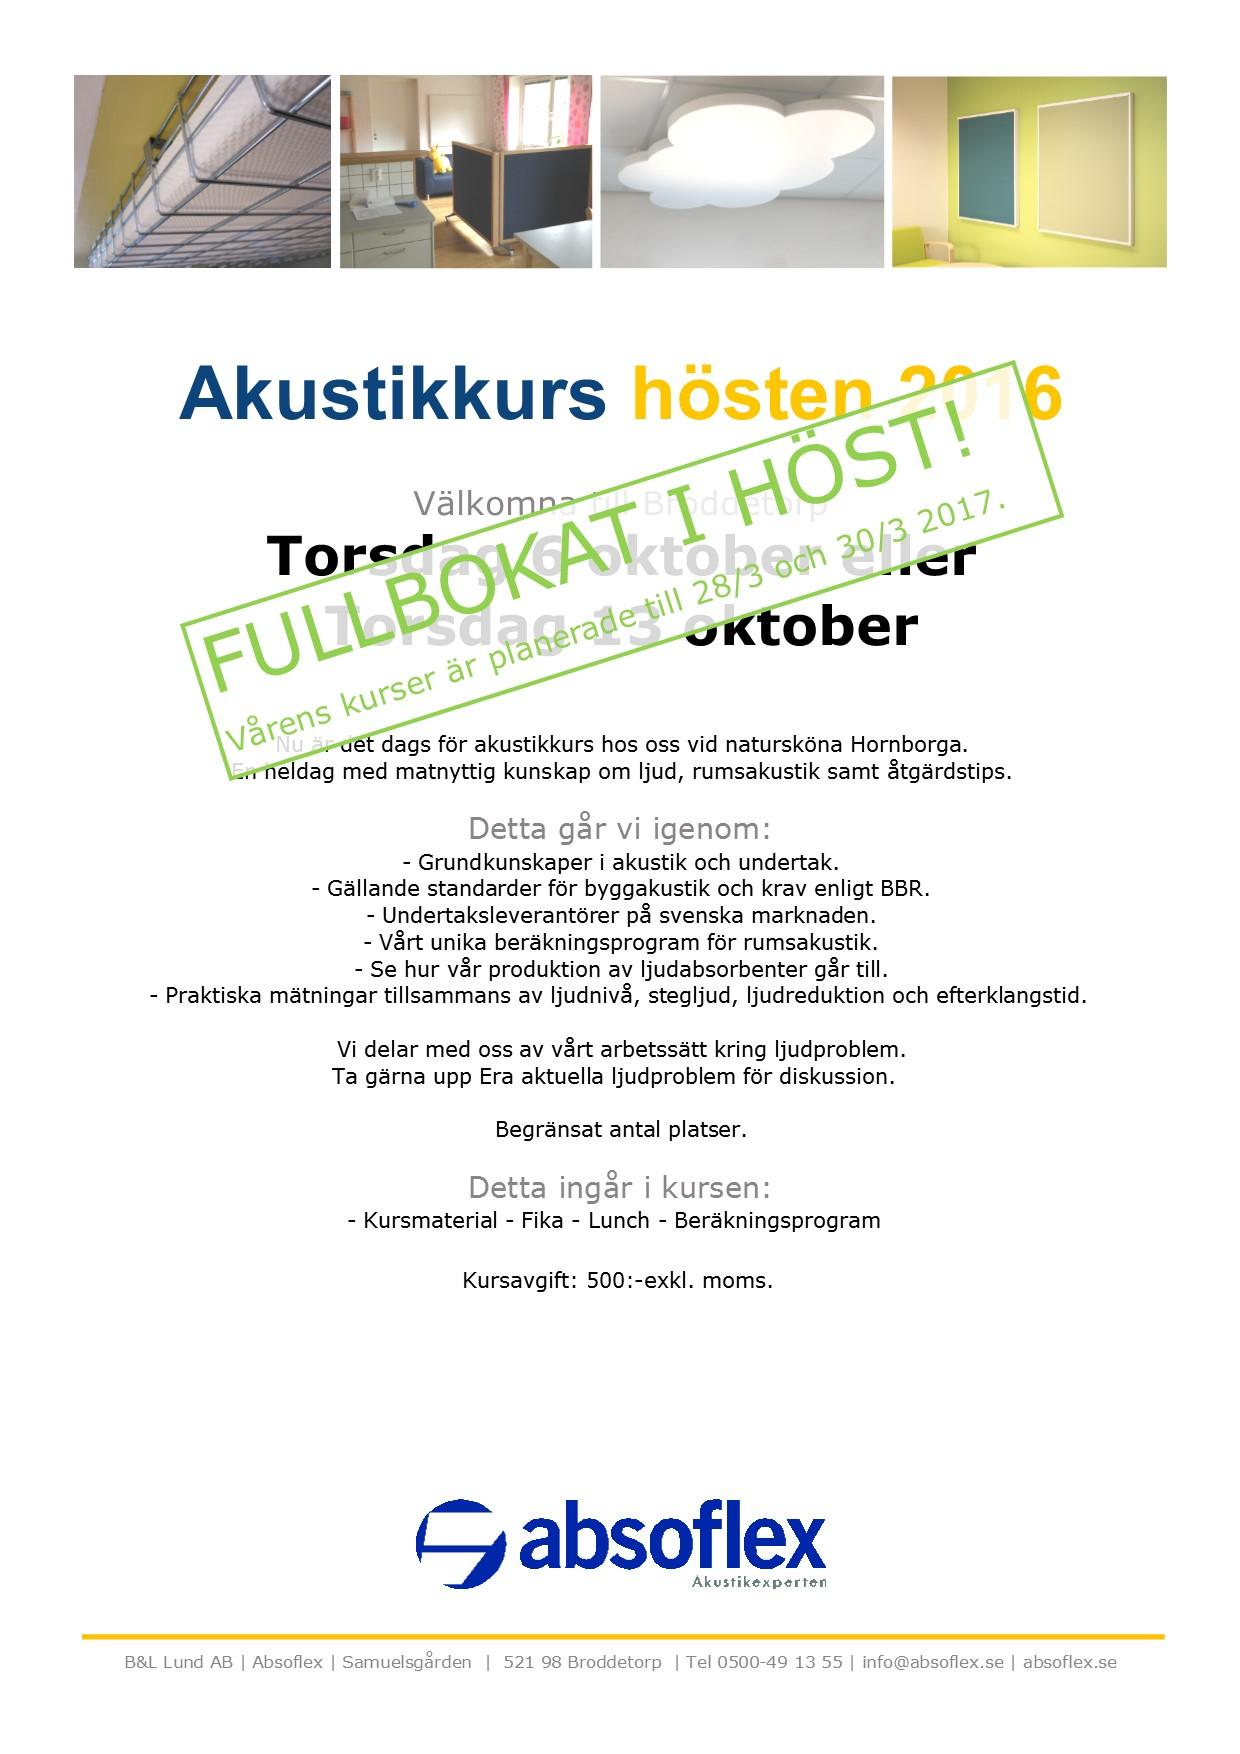 Akustikkurs hösten 2016 - FULLBOKAT